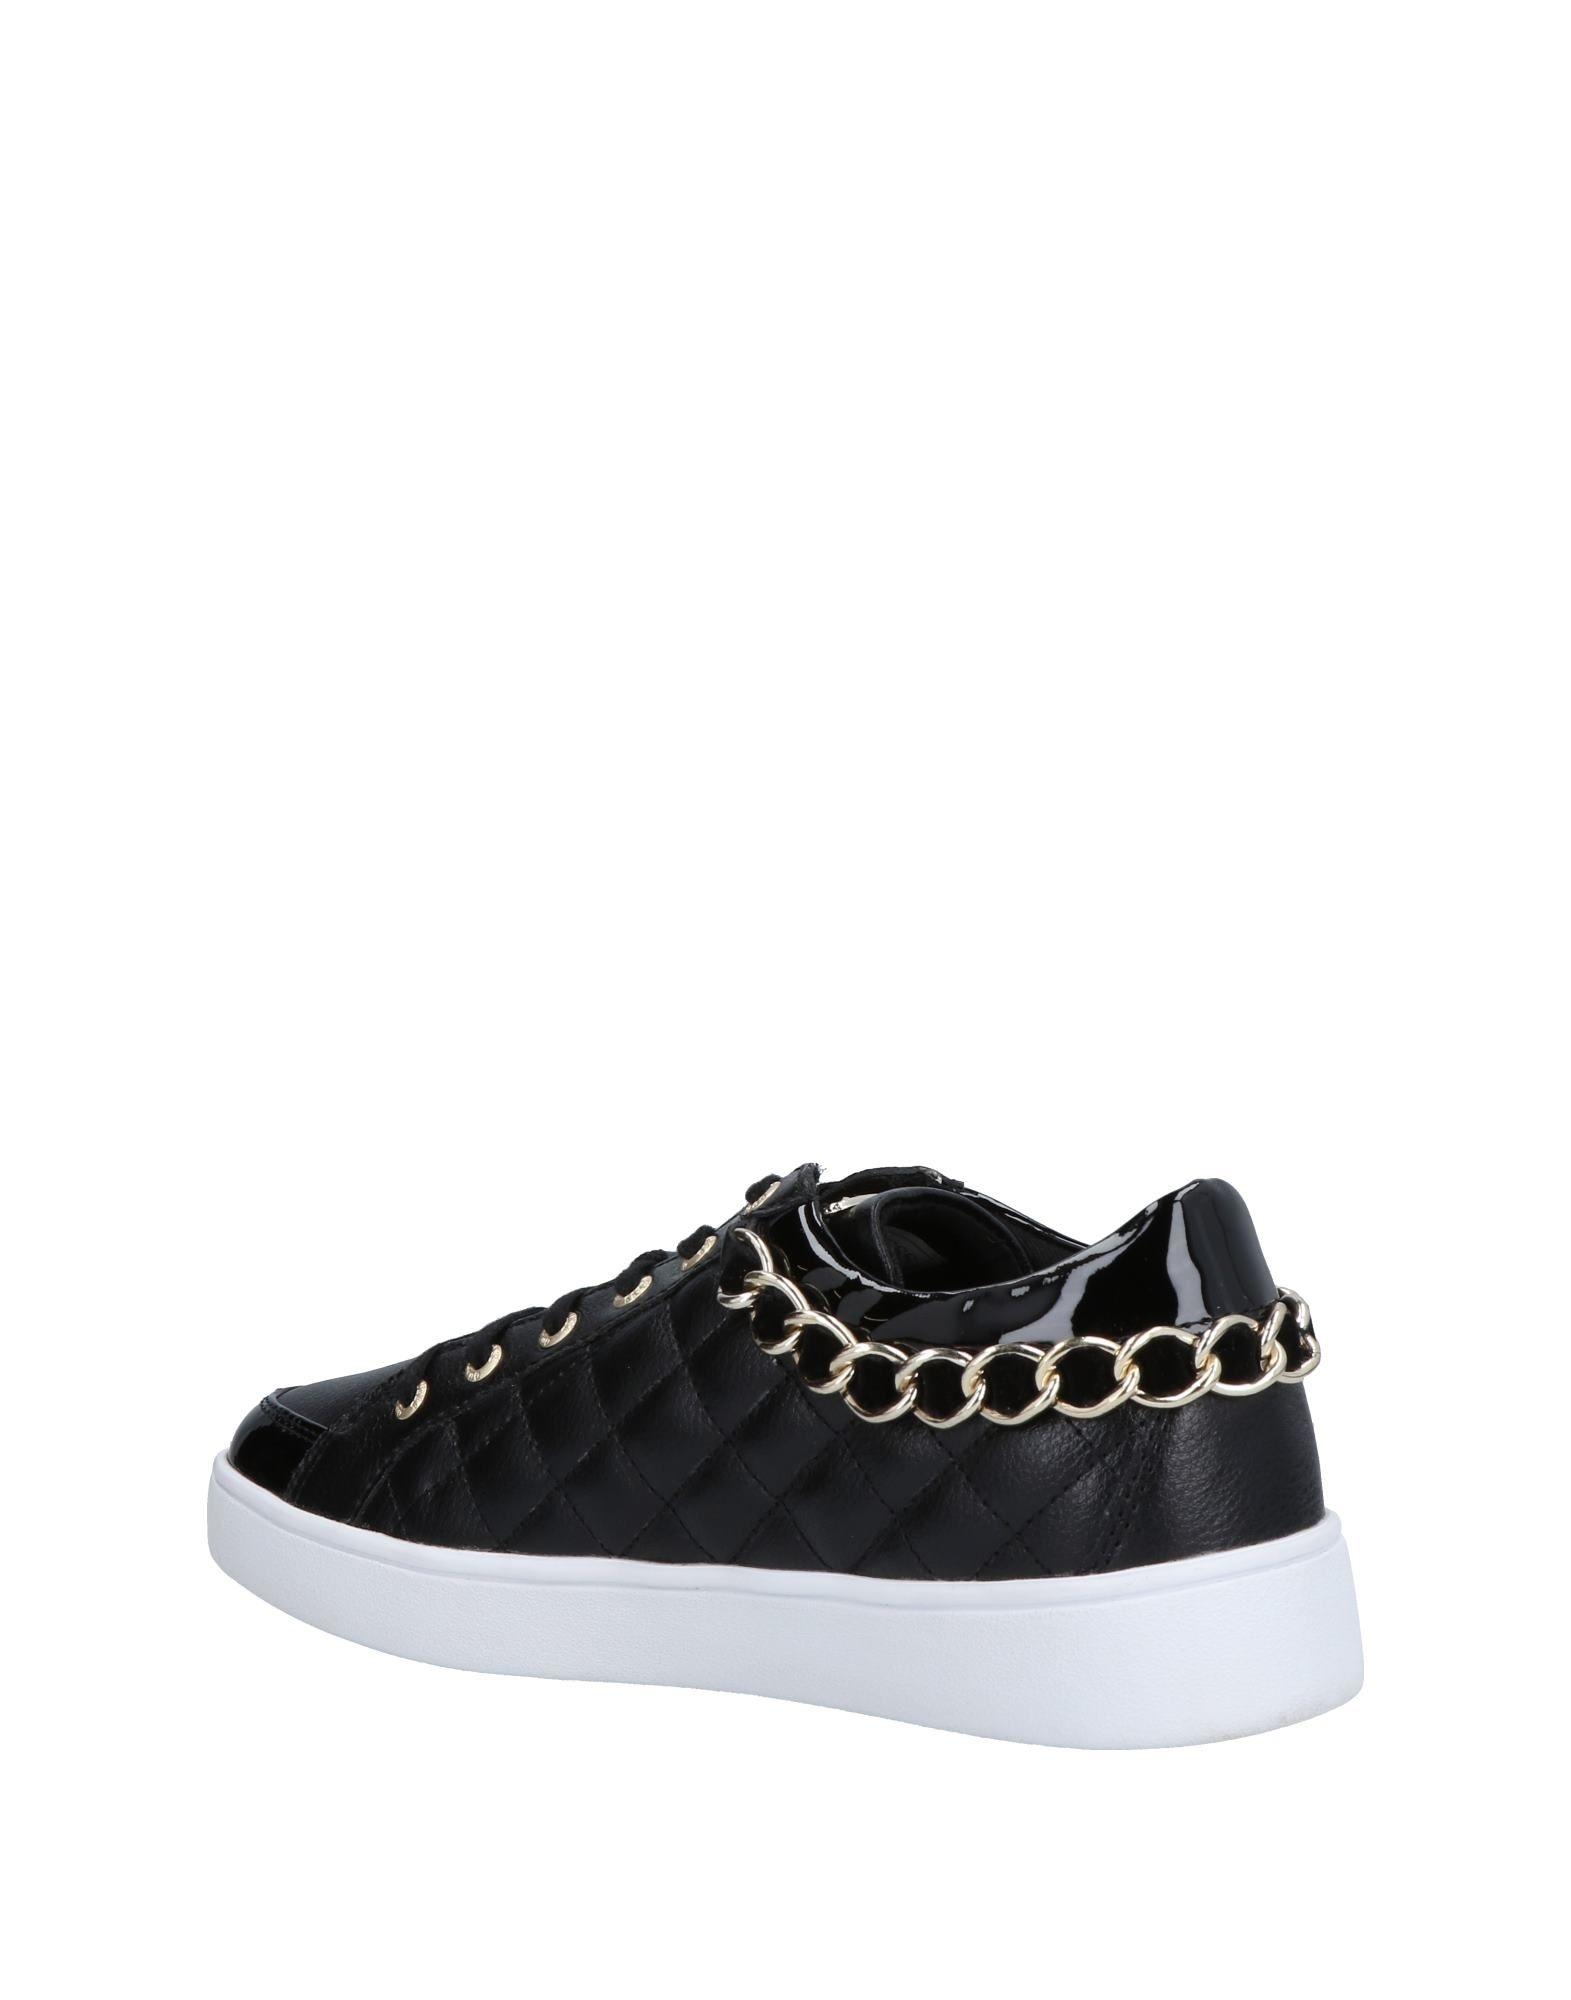 Guess Sneakers Damen  11495480MP Schuhe Gute Qualität beliebte Schuhe 11495480MP 0ea5c8